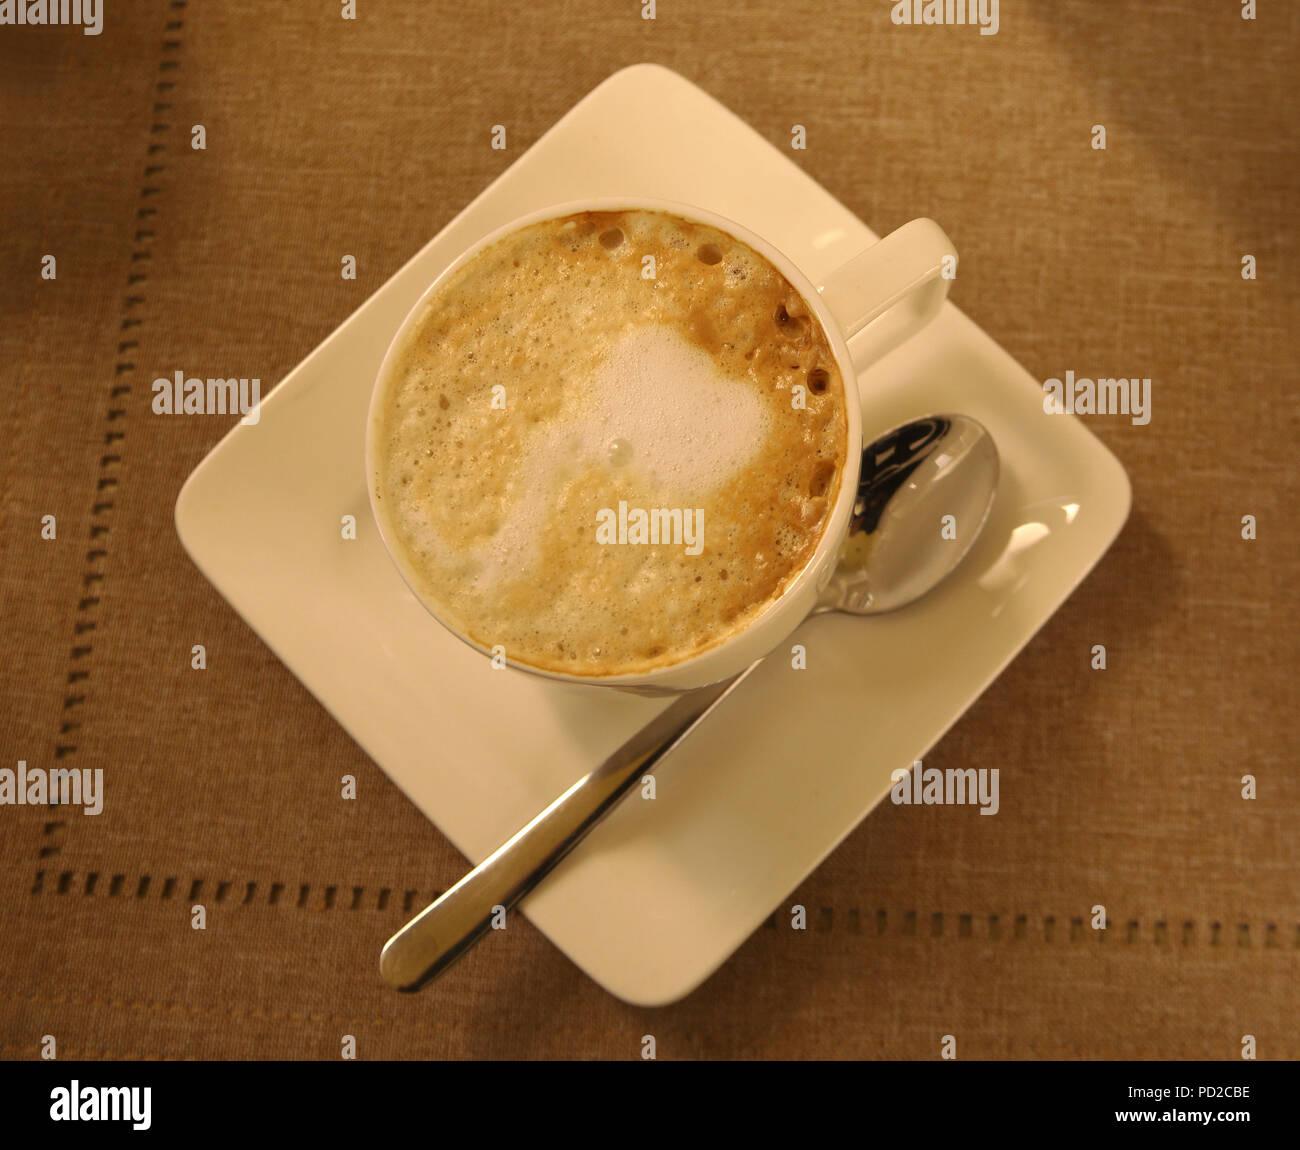 Eine Tasse Cappuccino auf einem beige braun Bettwäsche Tischdecke. Café, Kaffee, Cafe, Frühstück, Restaurant, Menü, Nahaufnahme, flach. Nostalgische Atmosphäre. Stockbild